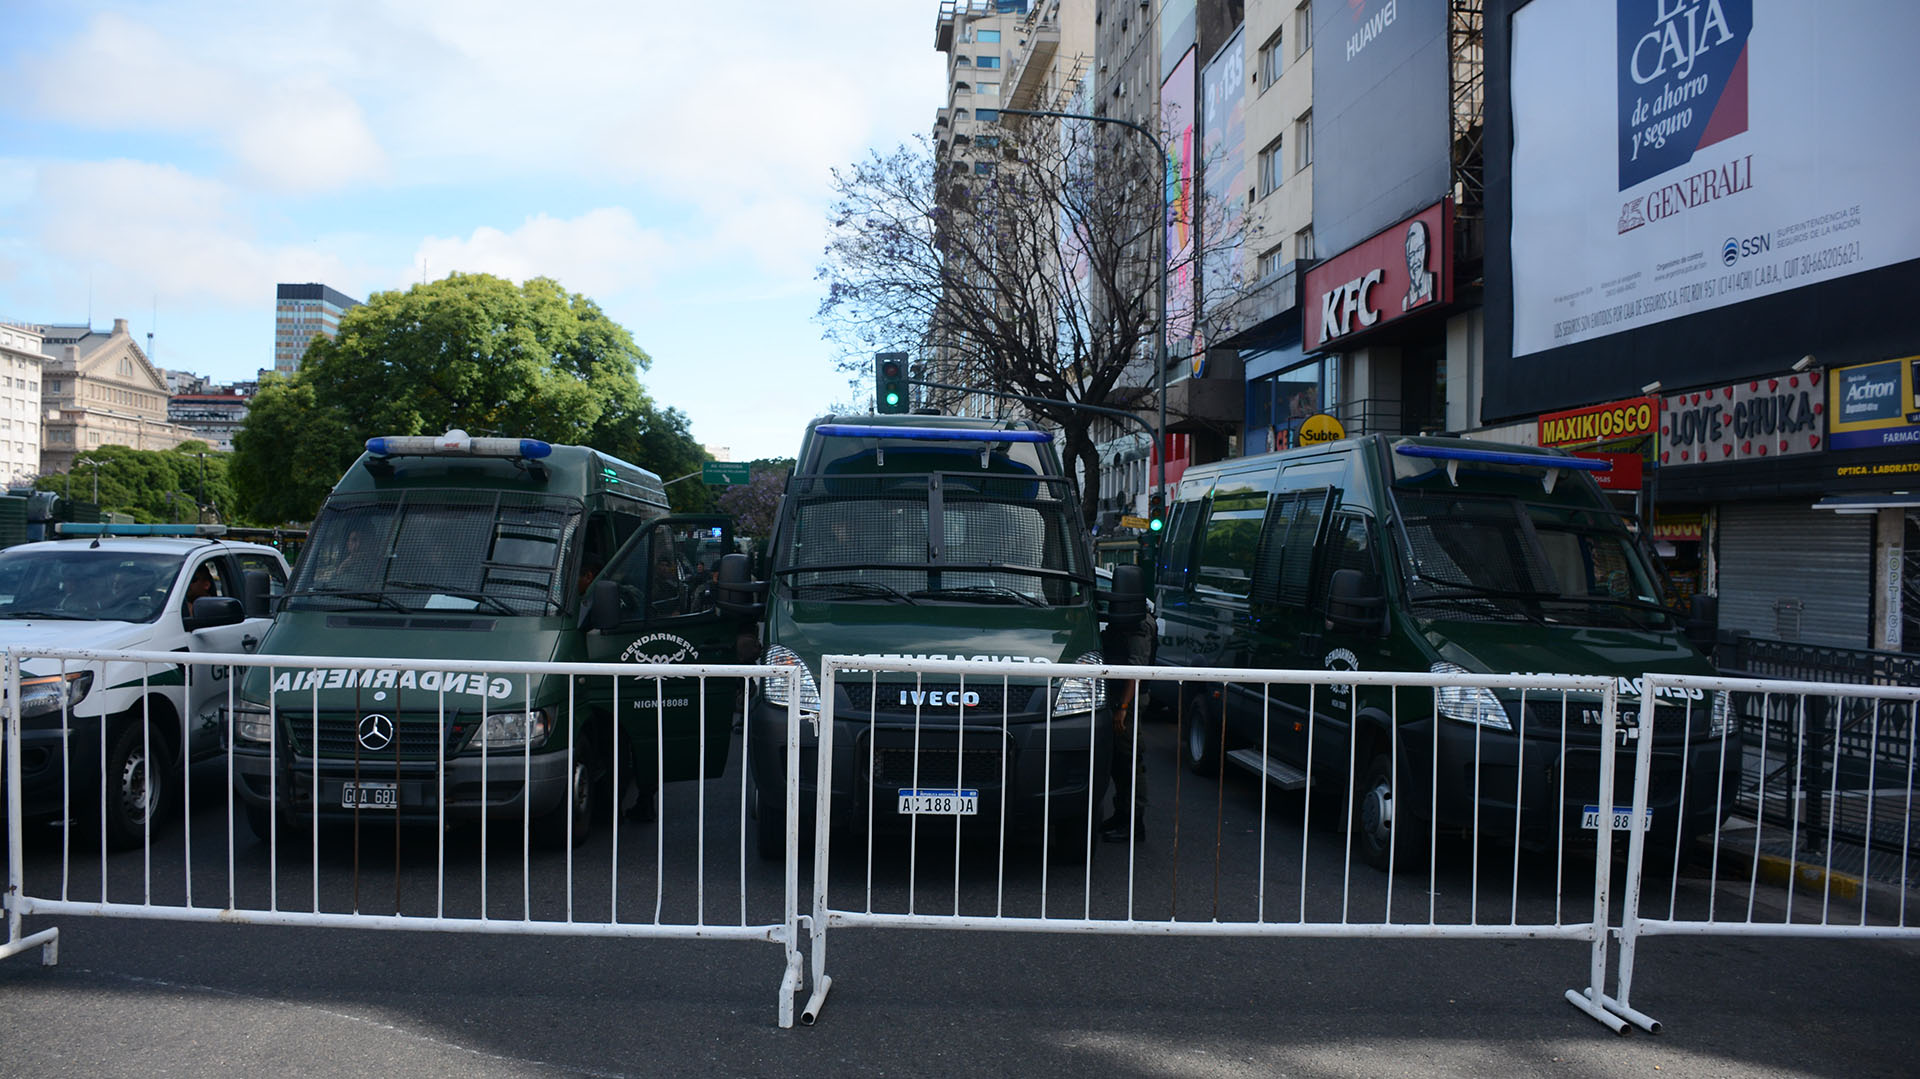 La ministra de Seguridad, Patricia Bullrich, dijo que 2.500 efectivos fueron afectados a las marchas anti-G20, se repartirán en dos entre la concentración y Plaza Congreso.